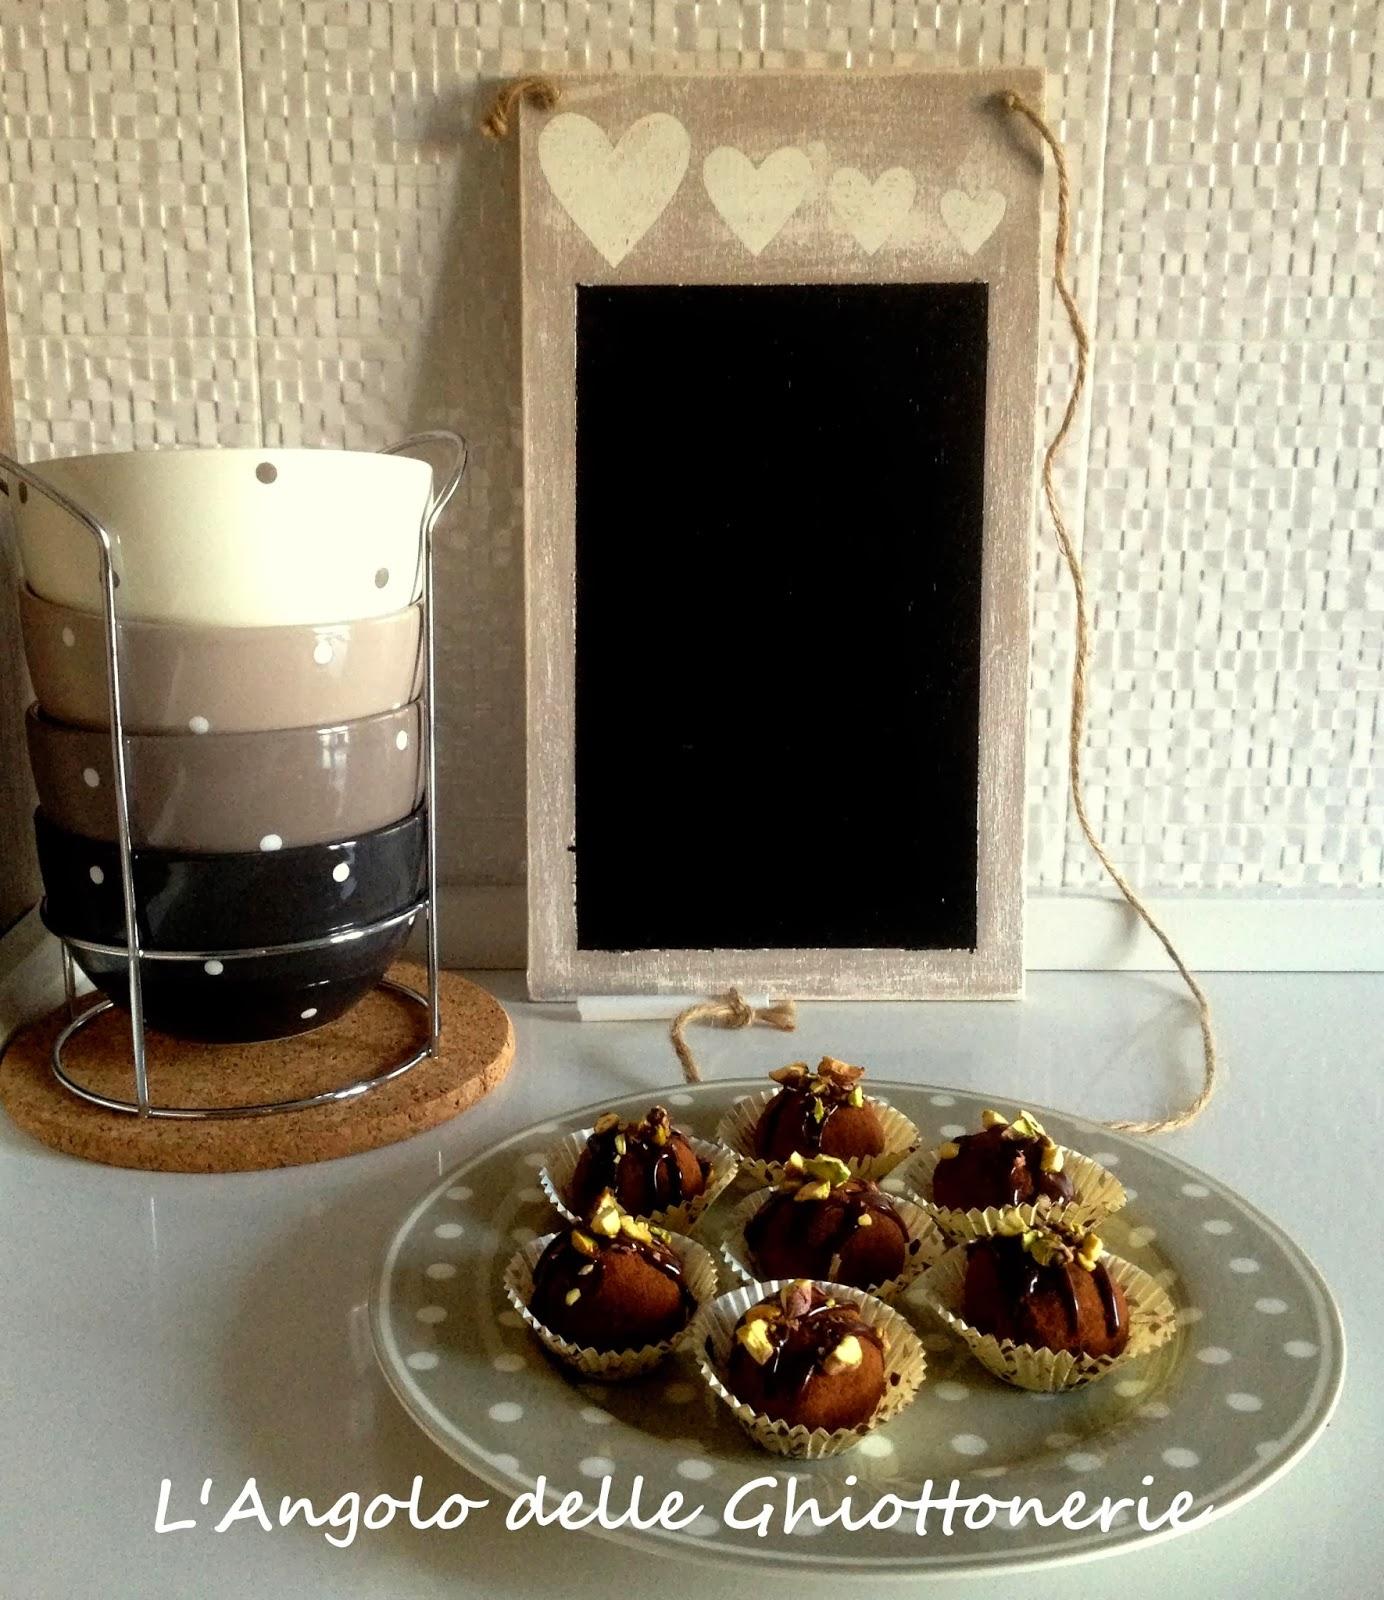 post-christmas truffles con scampoli di pandoro, limoncello e crème ganache al cioccolato